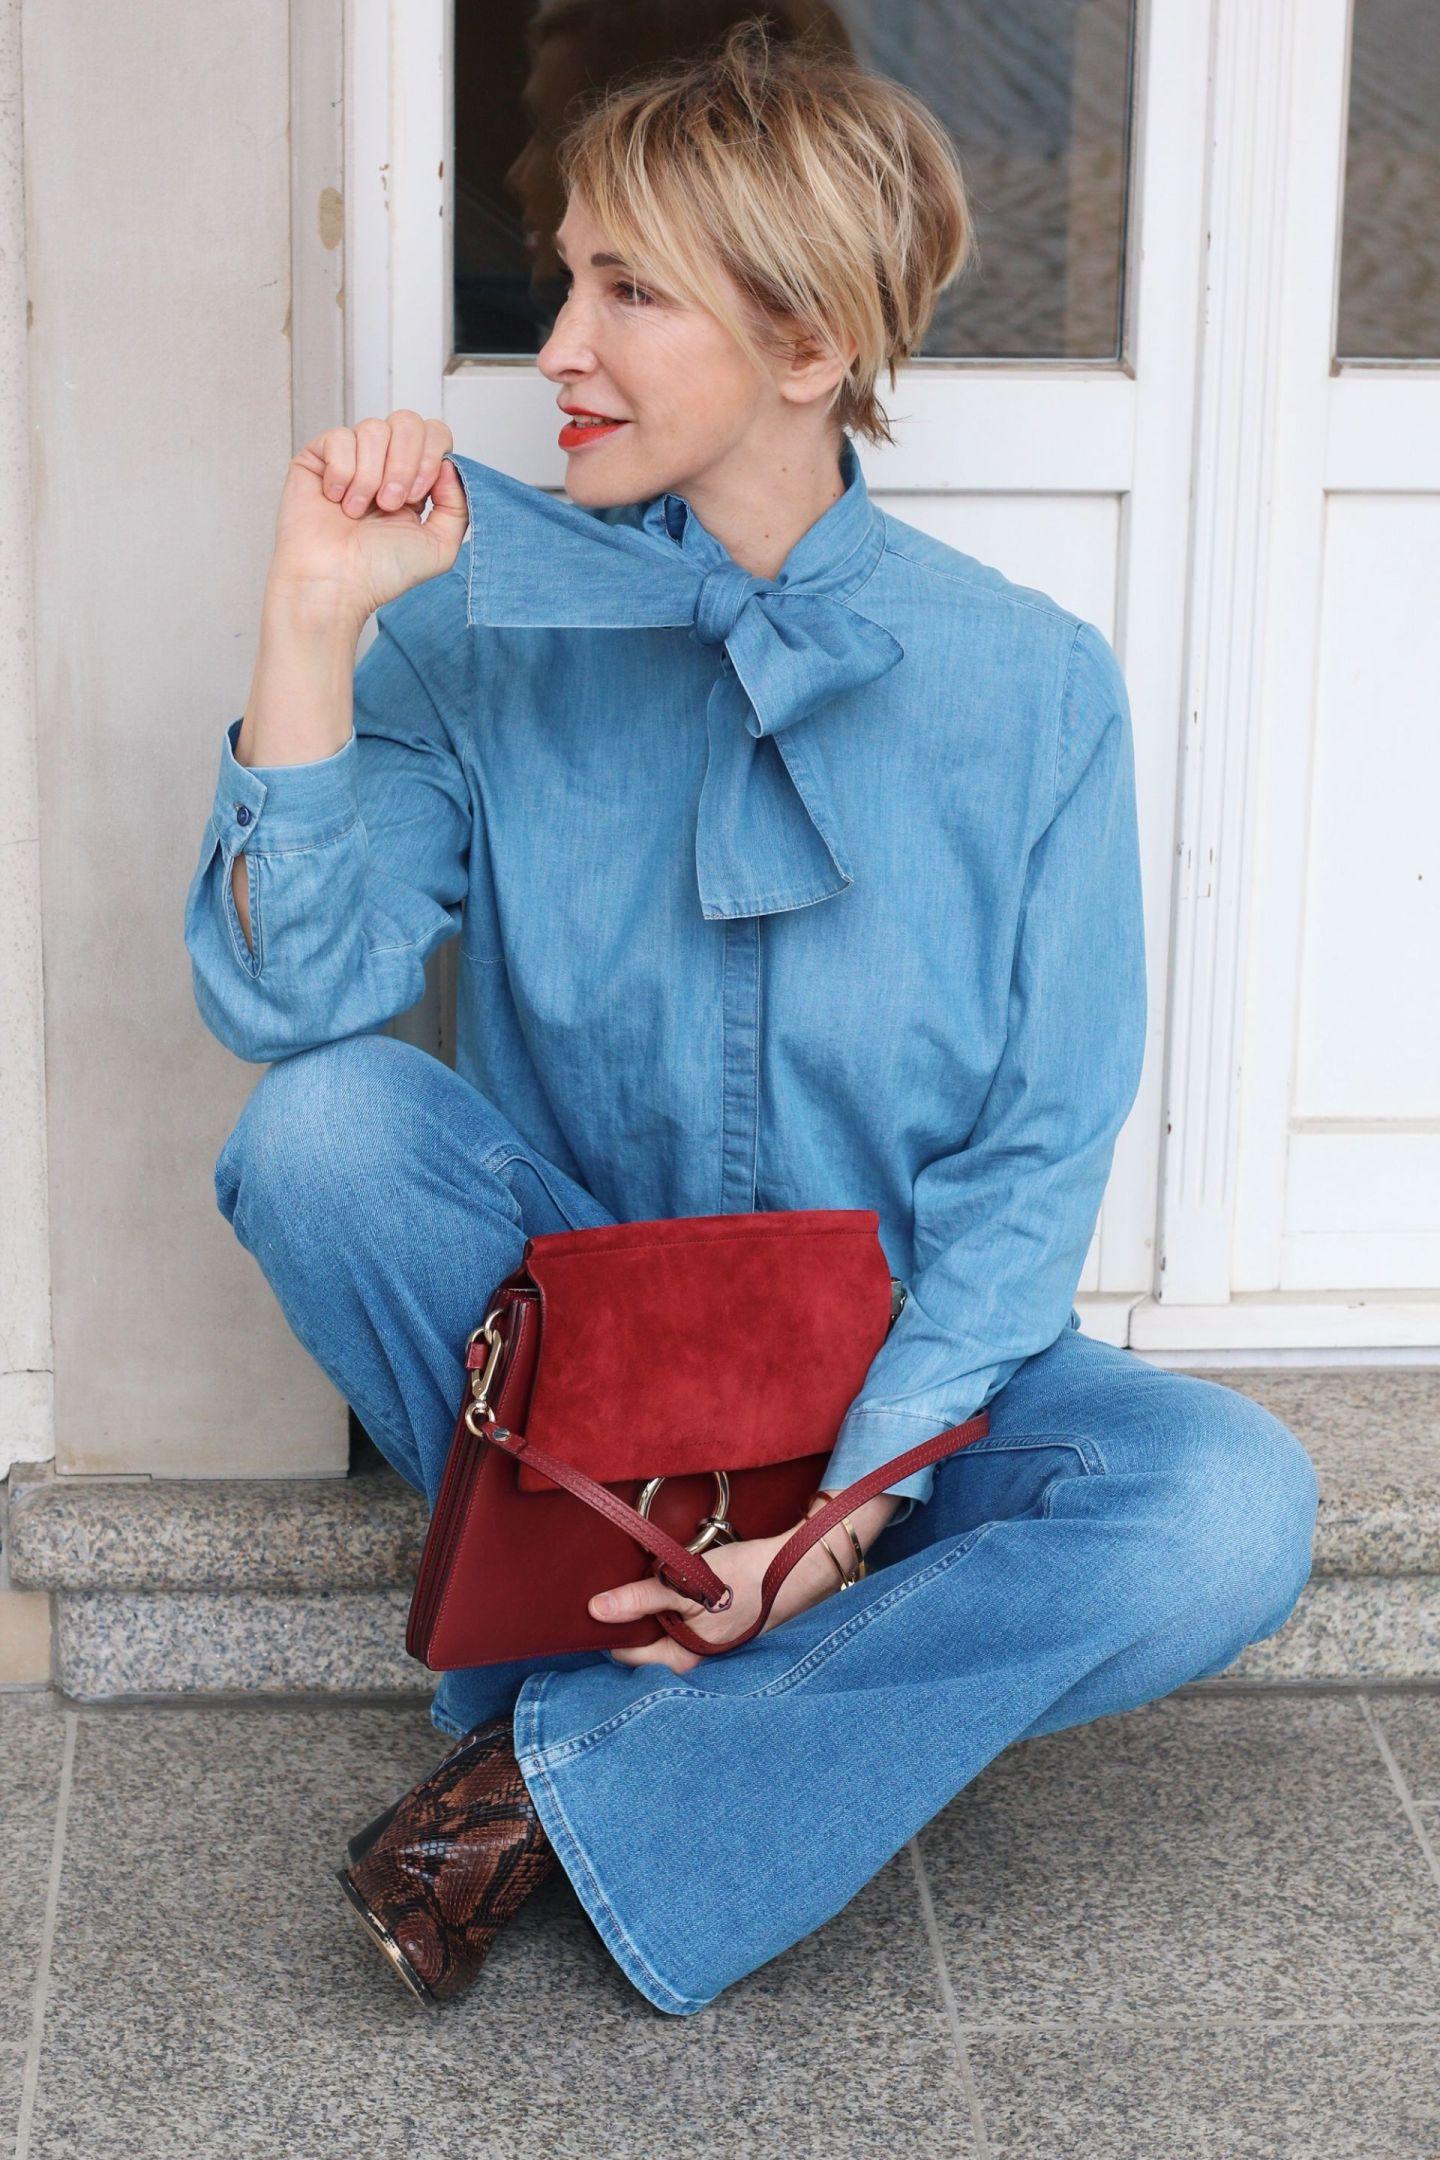 glamupyourlifestyle shoppen einkaufen Einkaufsbummel ue-40-blog ue-50-blog